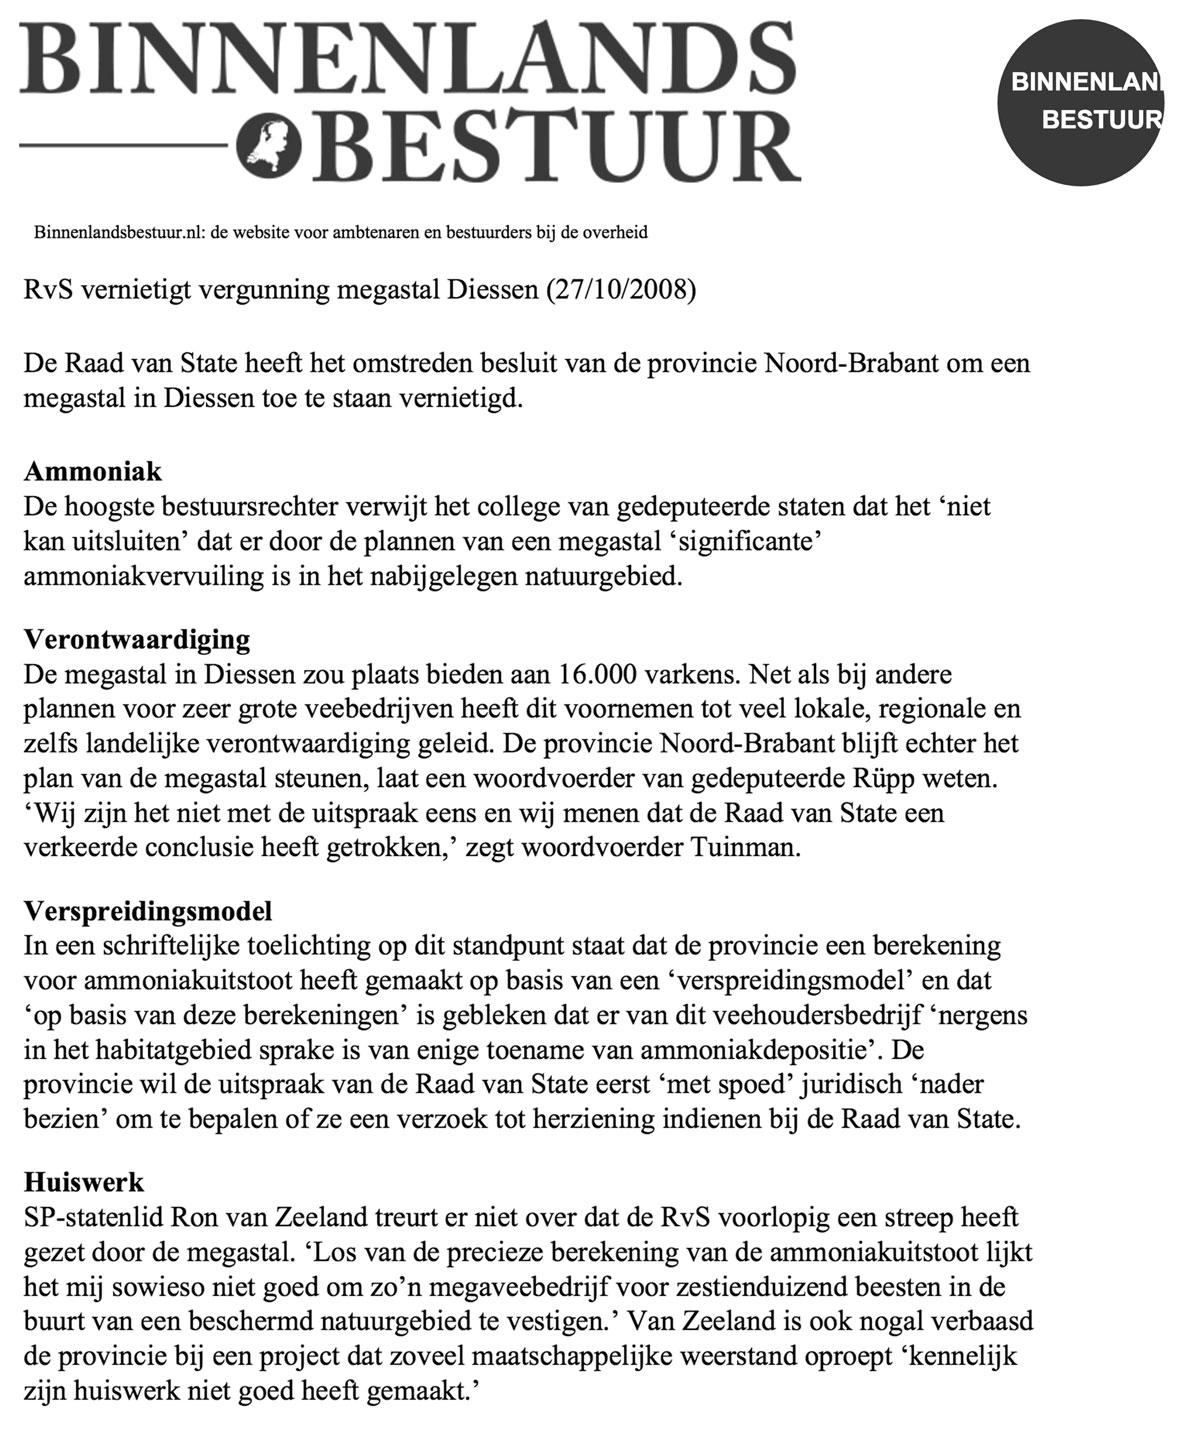 megastallen - Diessen - intensieve veehouderij - Ron van Zeeland